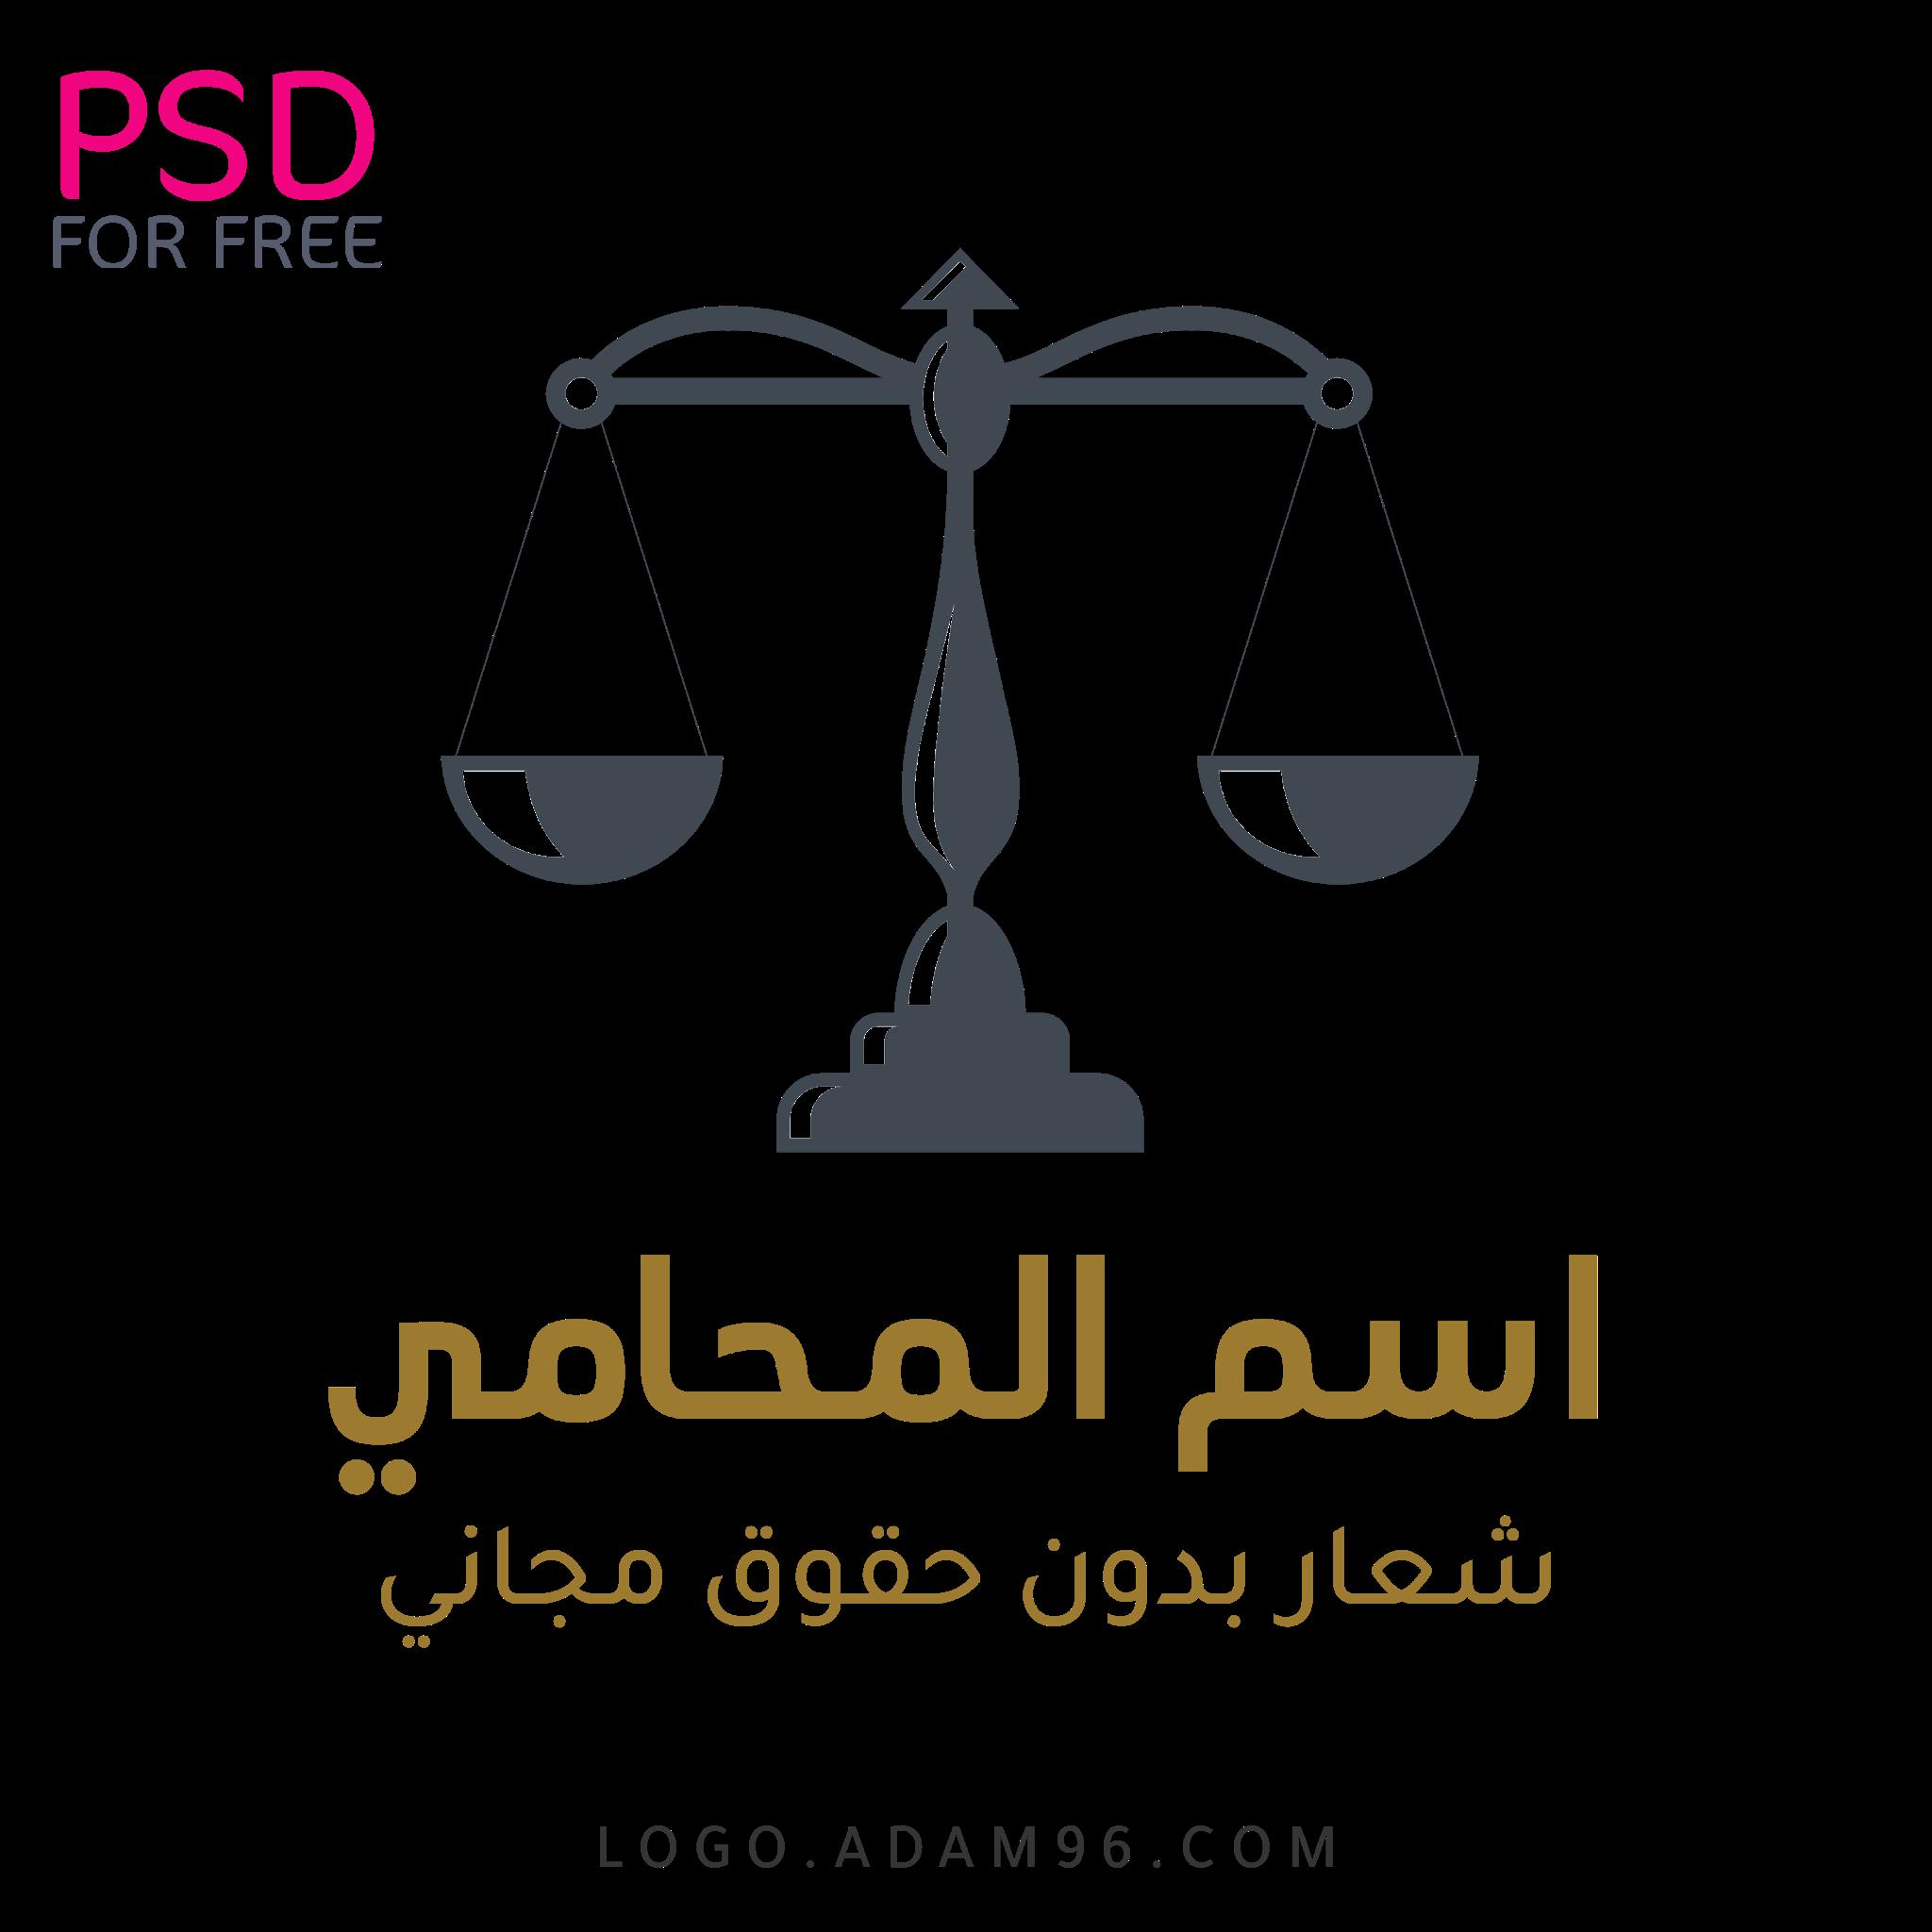 تحميل شعار محامي بدون حقوق للاستخدام المجاني لوجو محامي